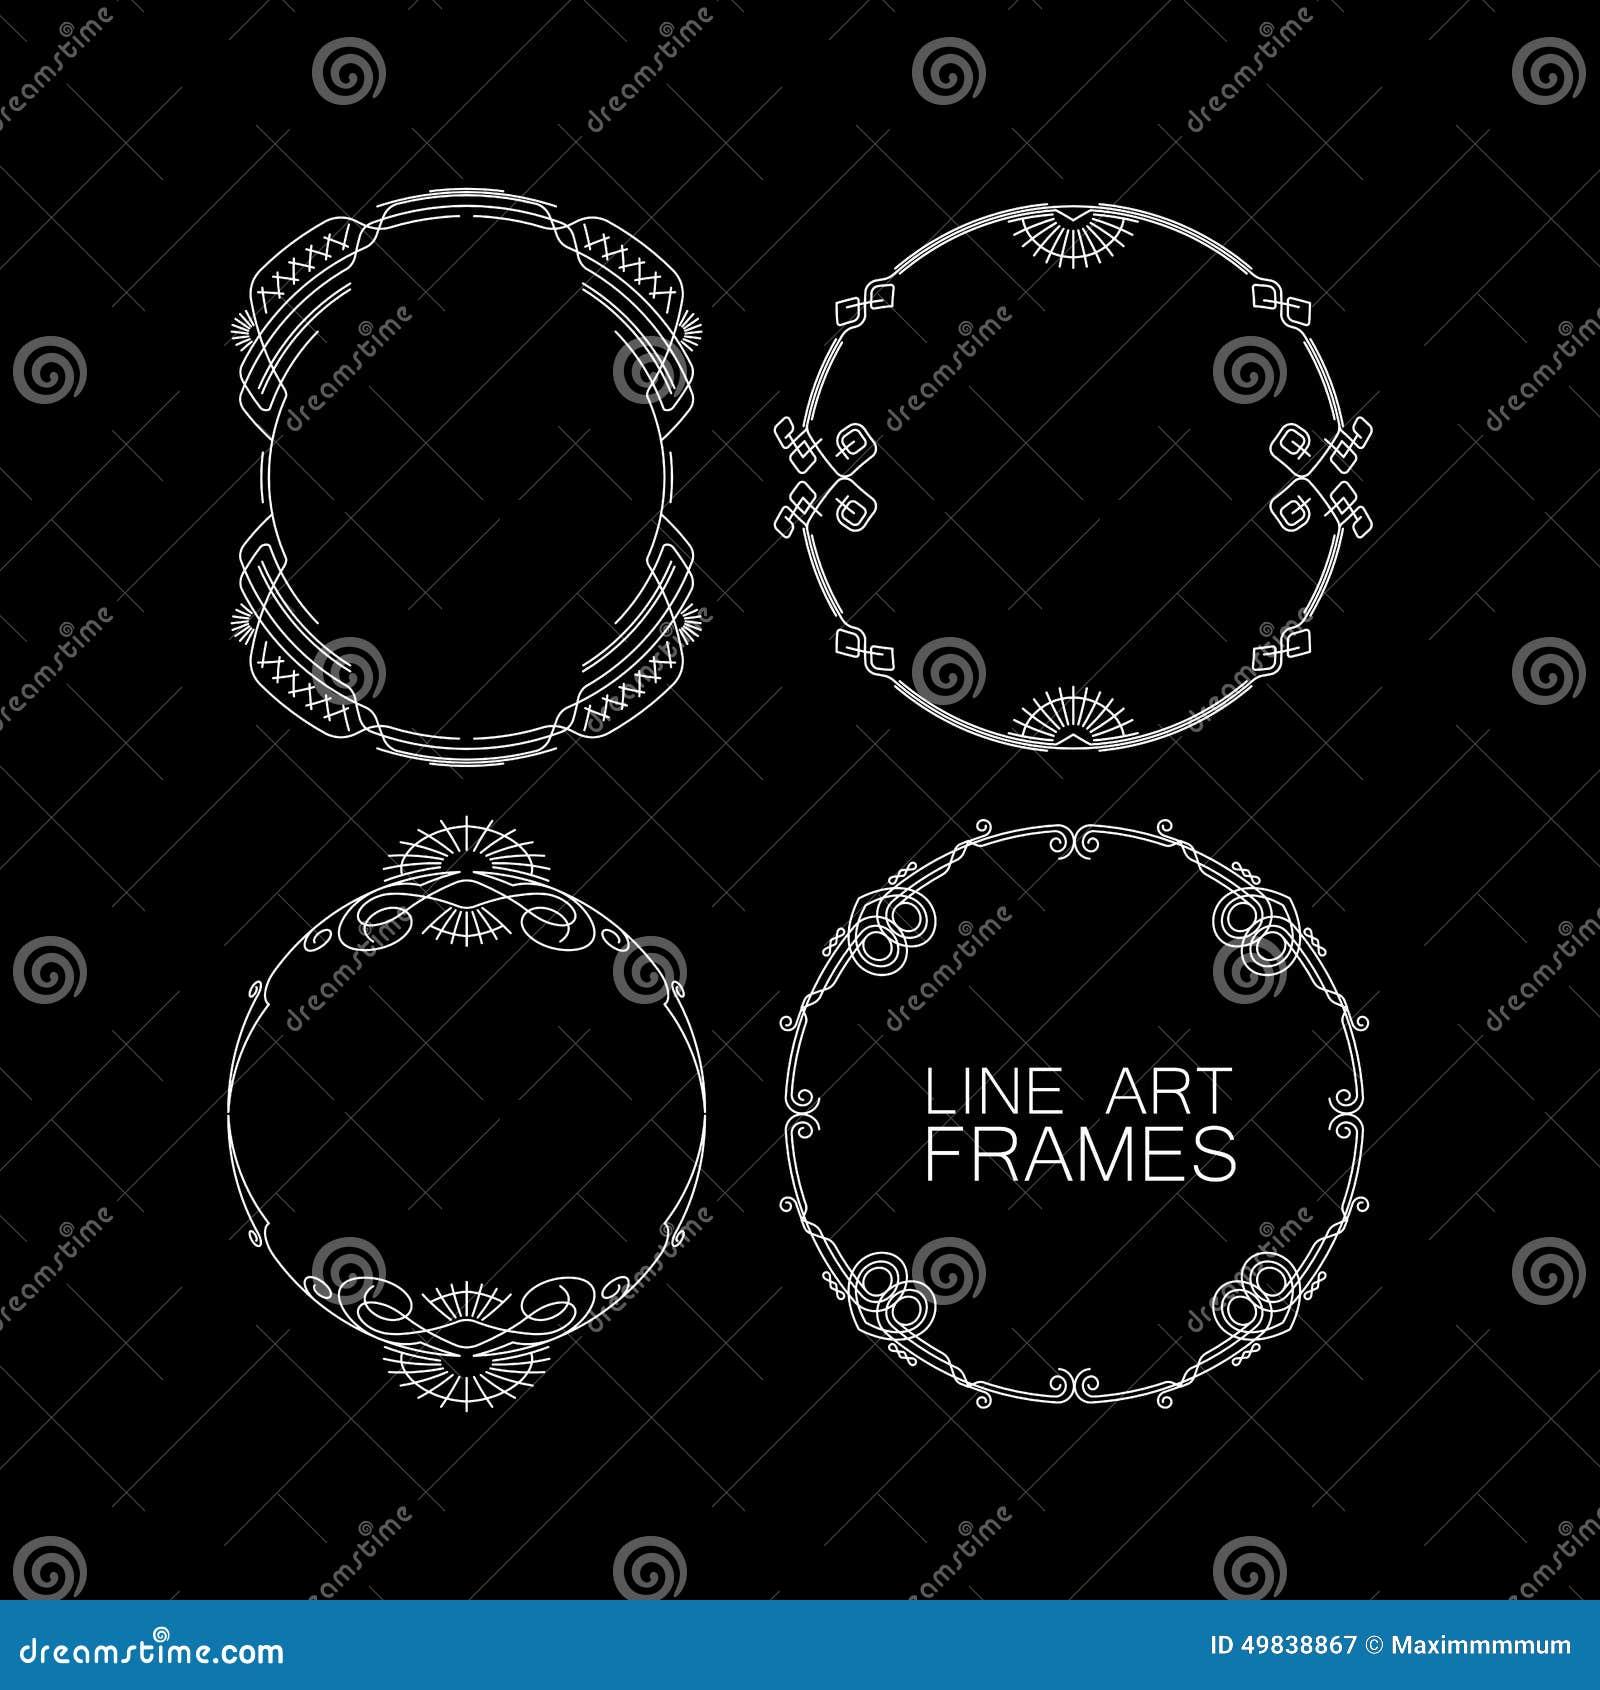 Frame Design Line Art : Set of floral line design elements vector illustration